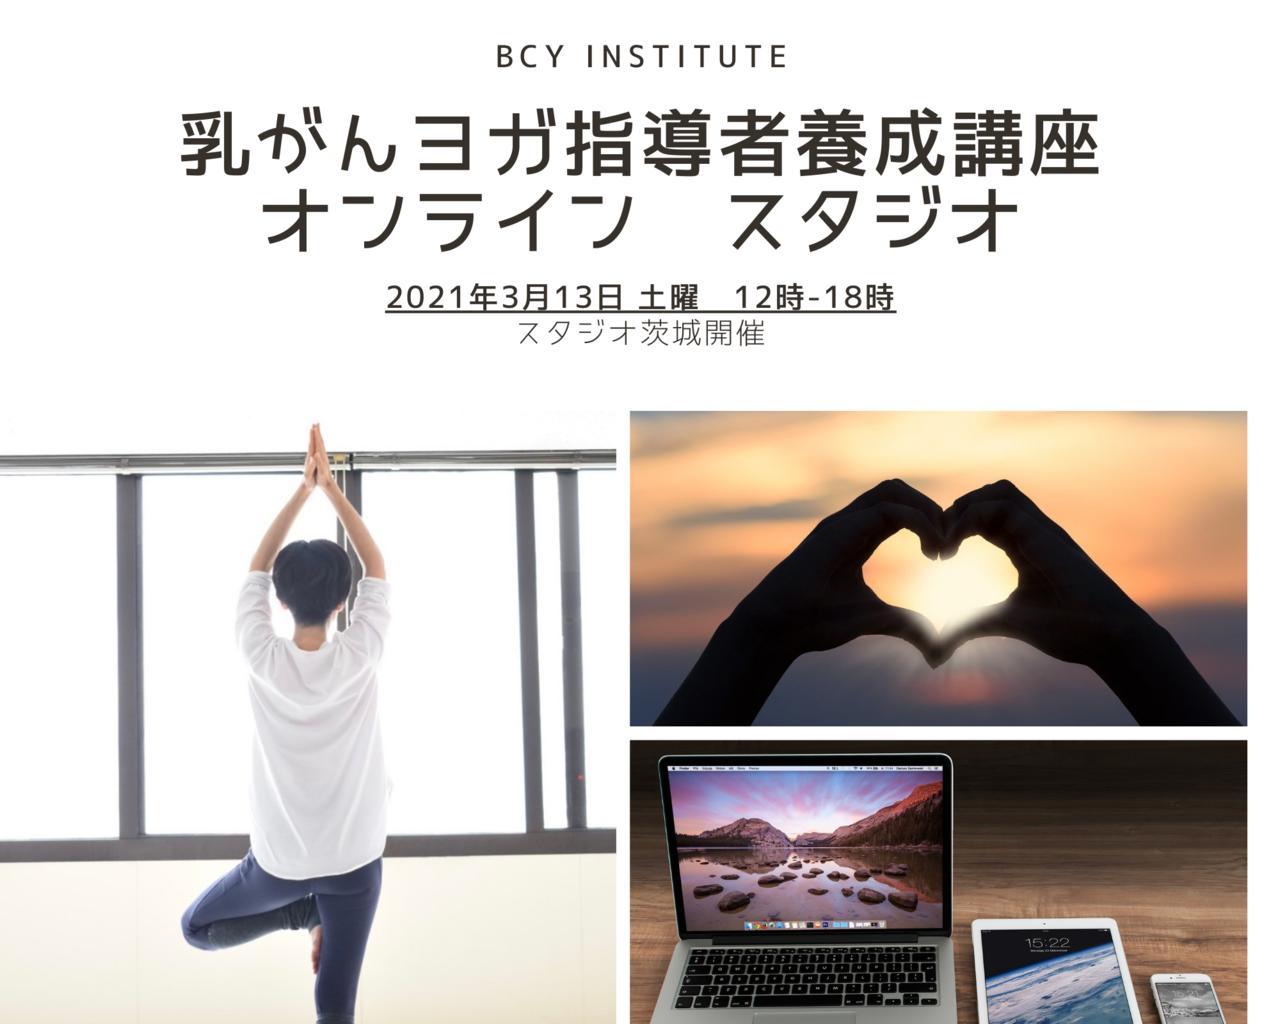 2021.3.13【オンライン/茨城県スタジオ】乳がんヨガ指導者養成講座